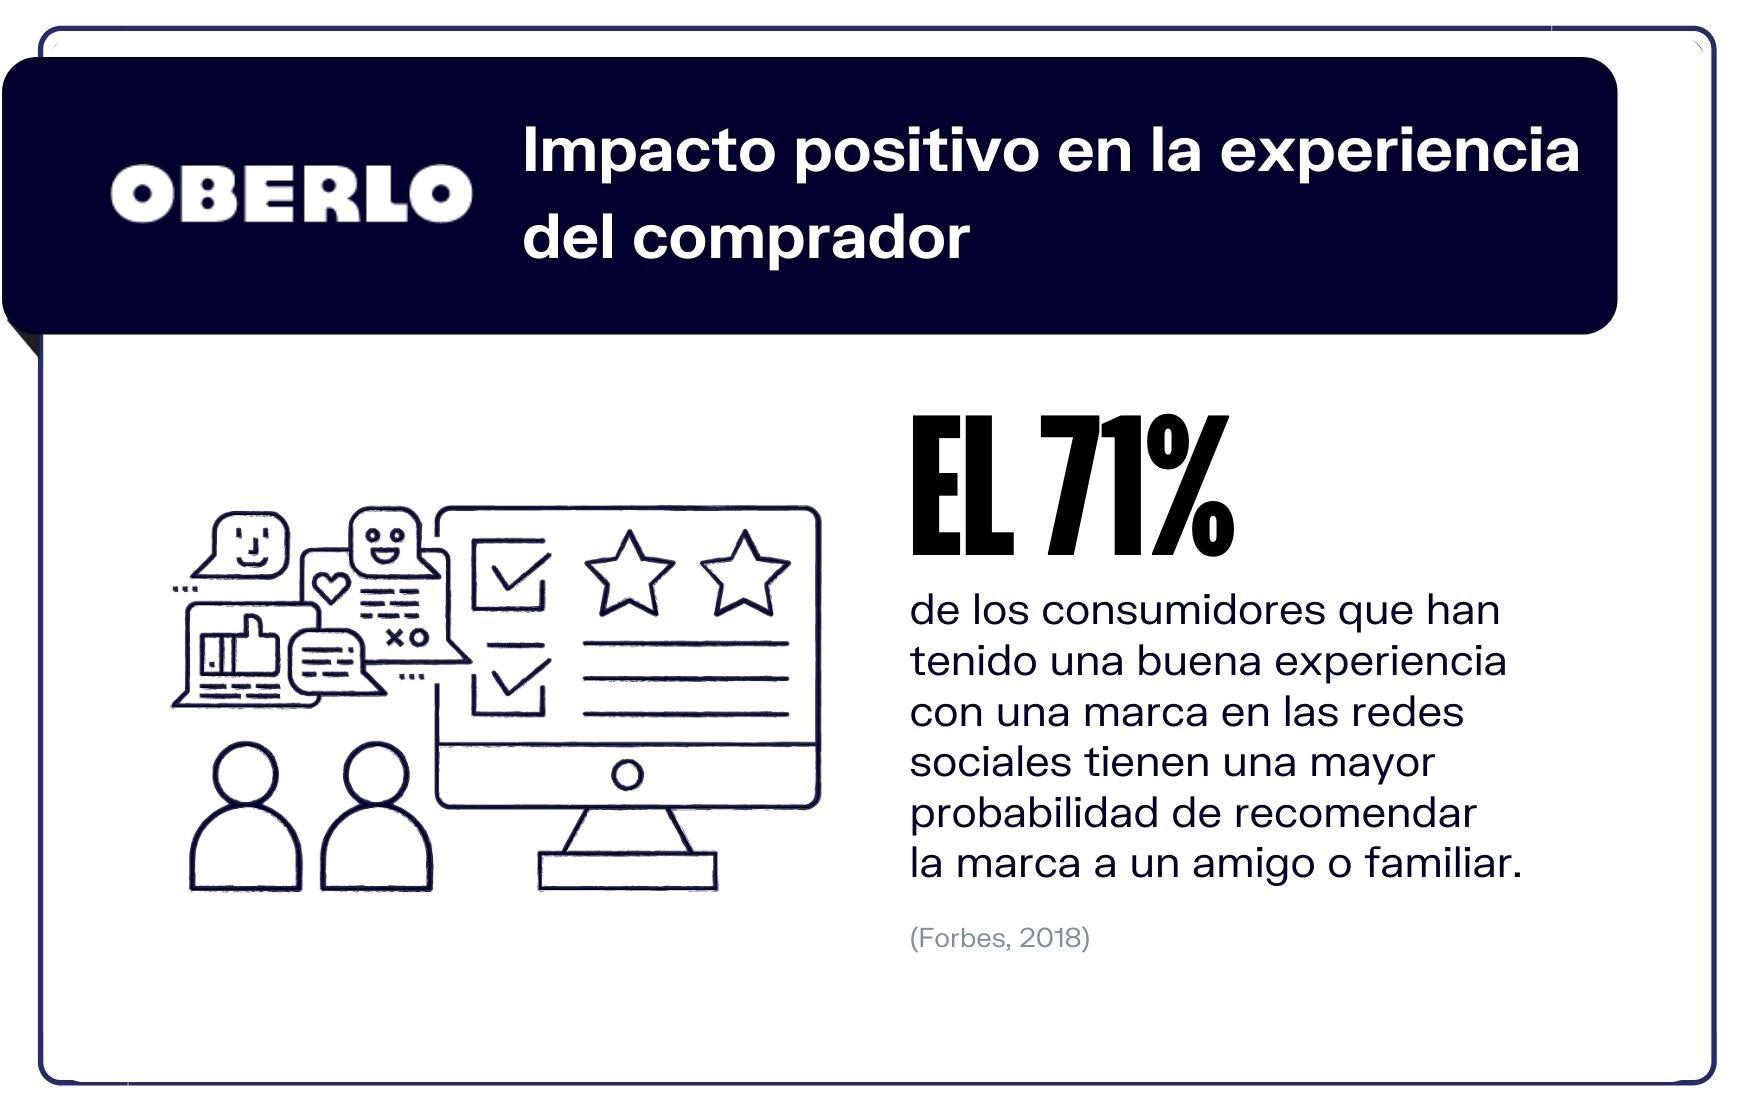 7. El impacto de la experiencia positiva en el uso de redes sociales